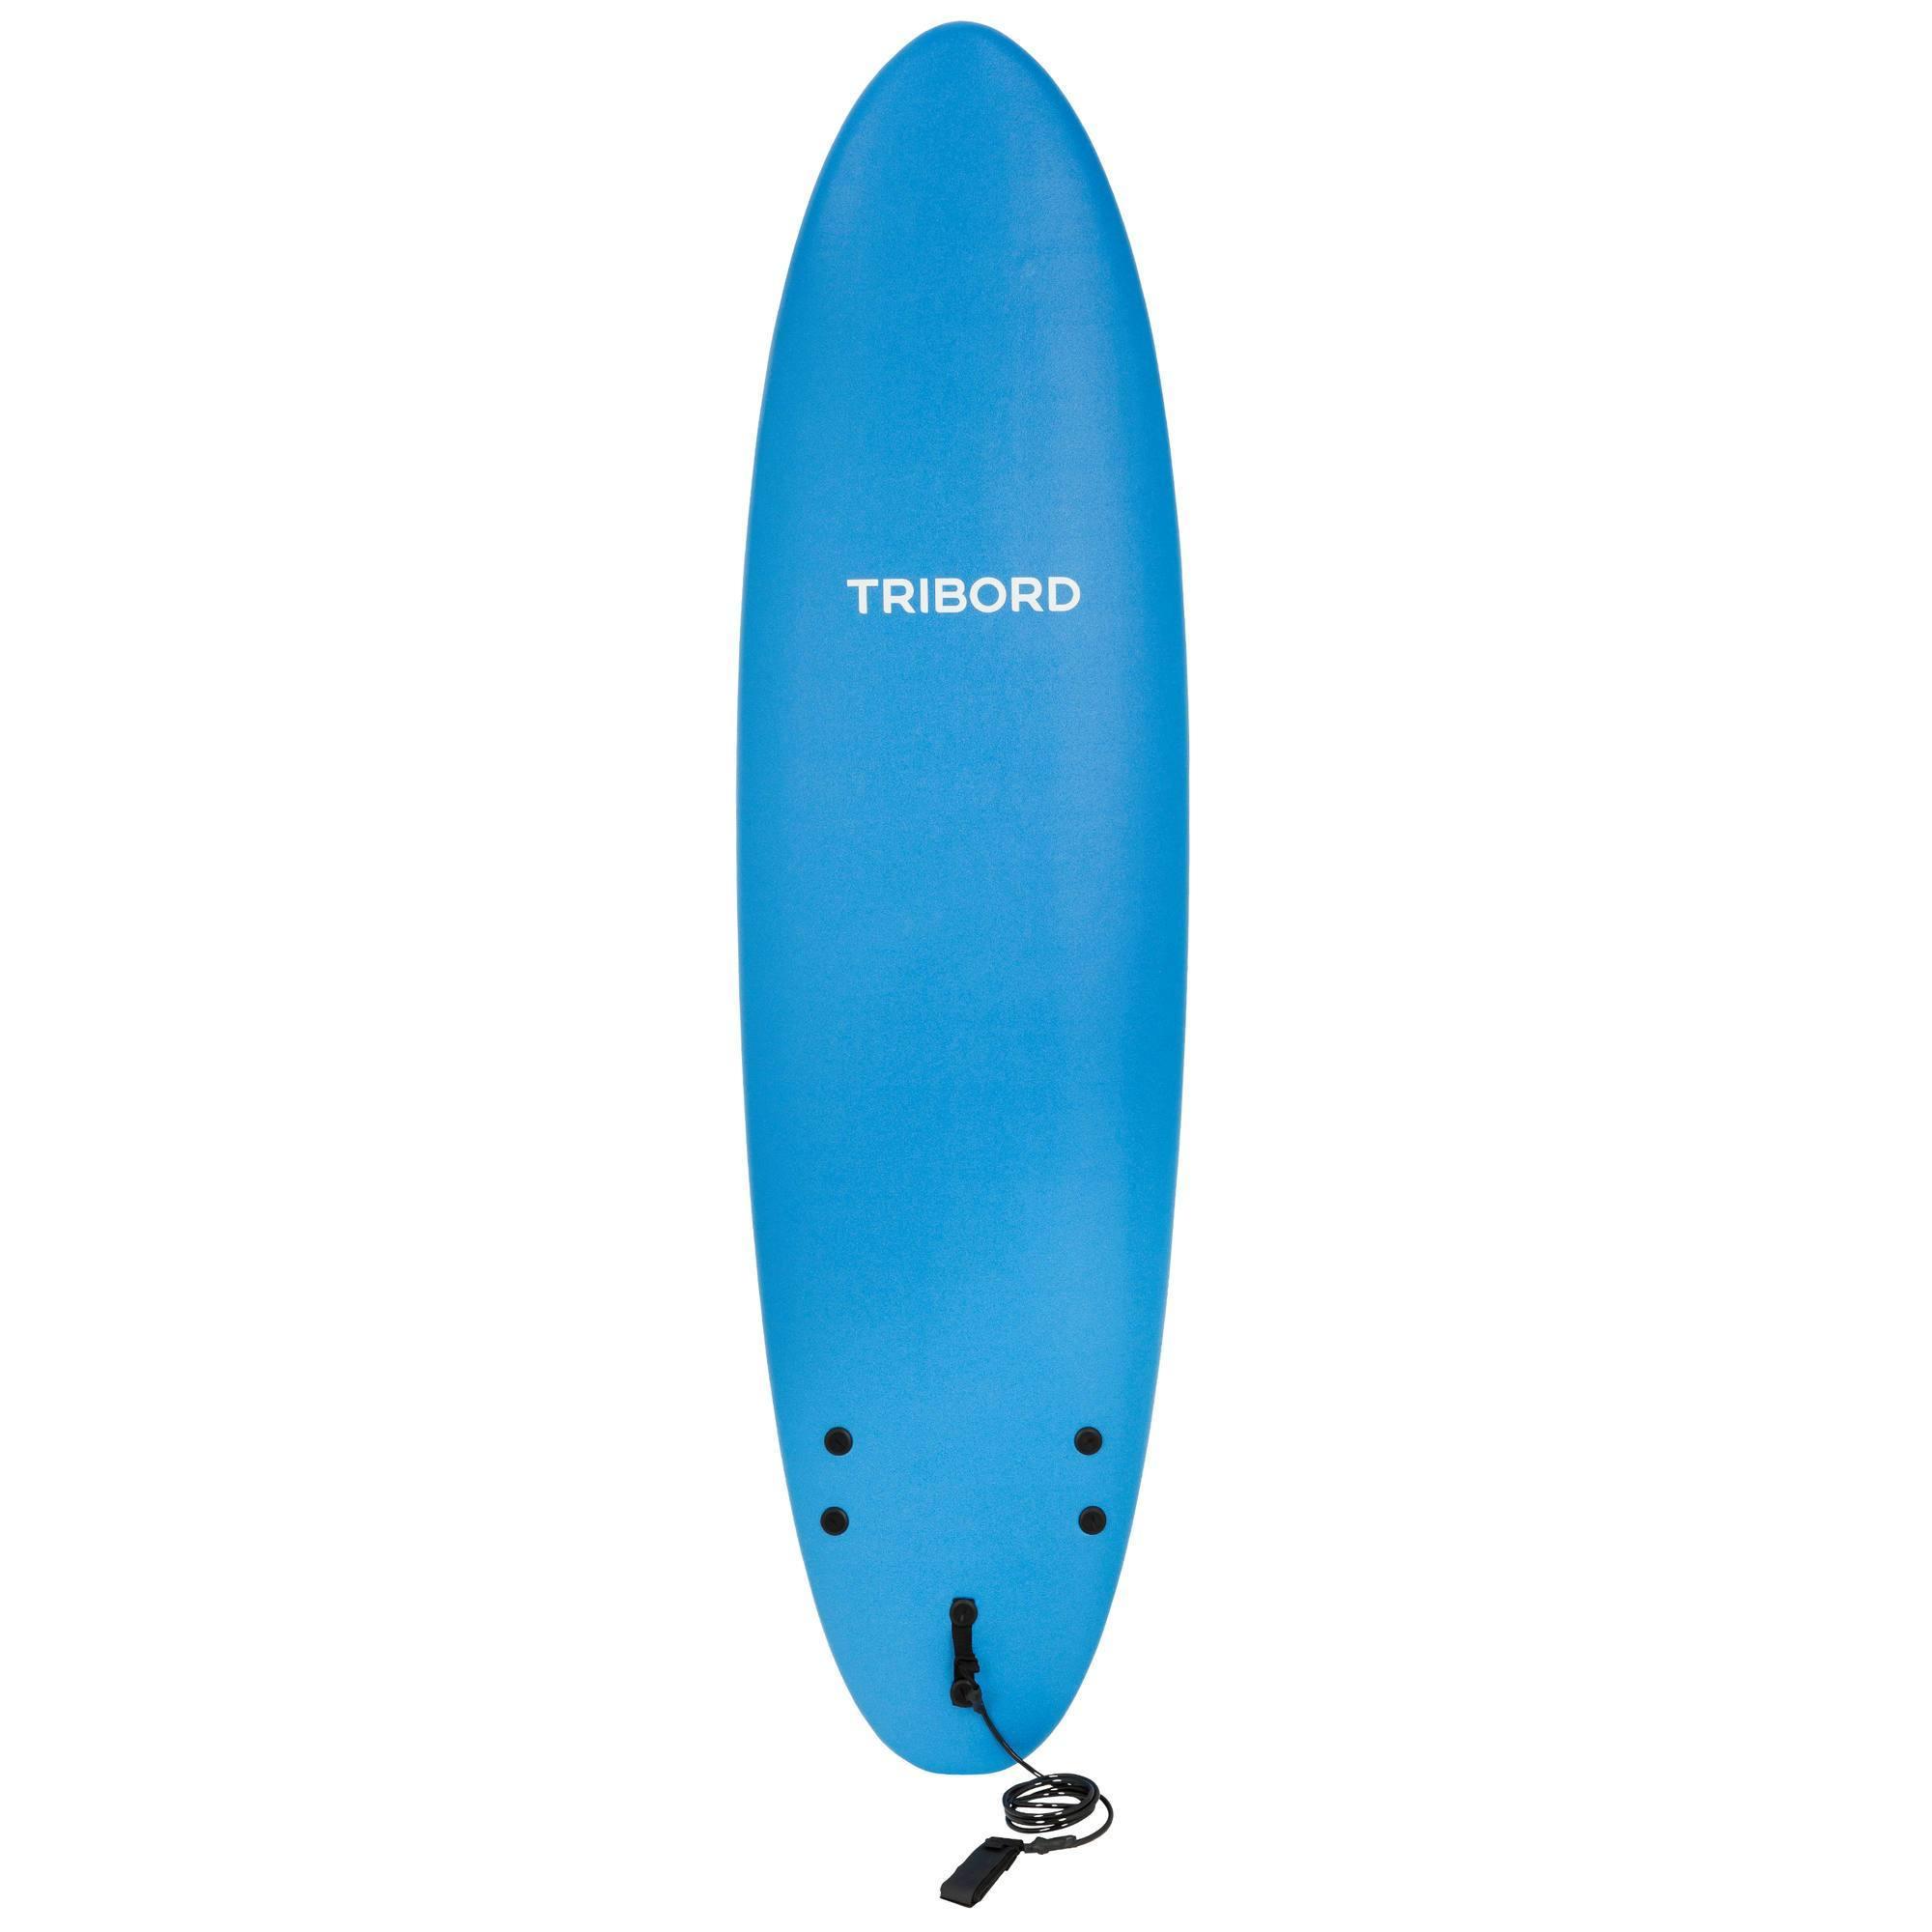 planche de surf en mousse 100 7 39 livr e avec leash et ailerons clubs collectivit s. Black Bedroom Furniture Sets. Home Design Ideas